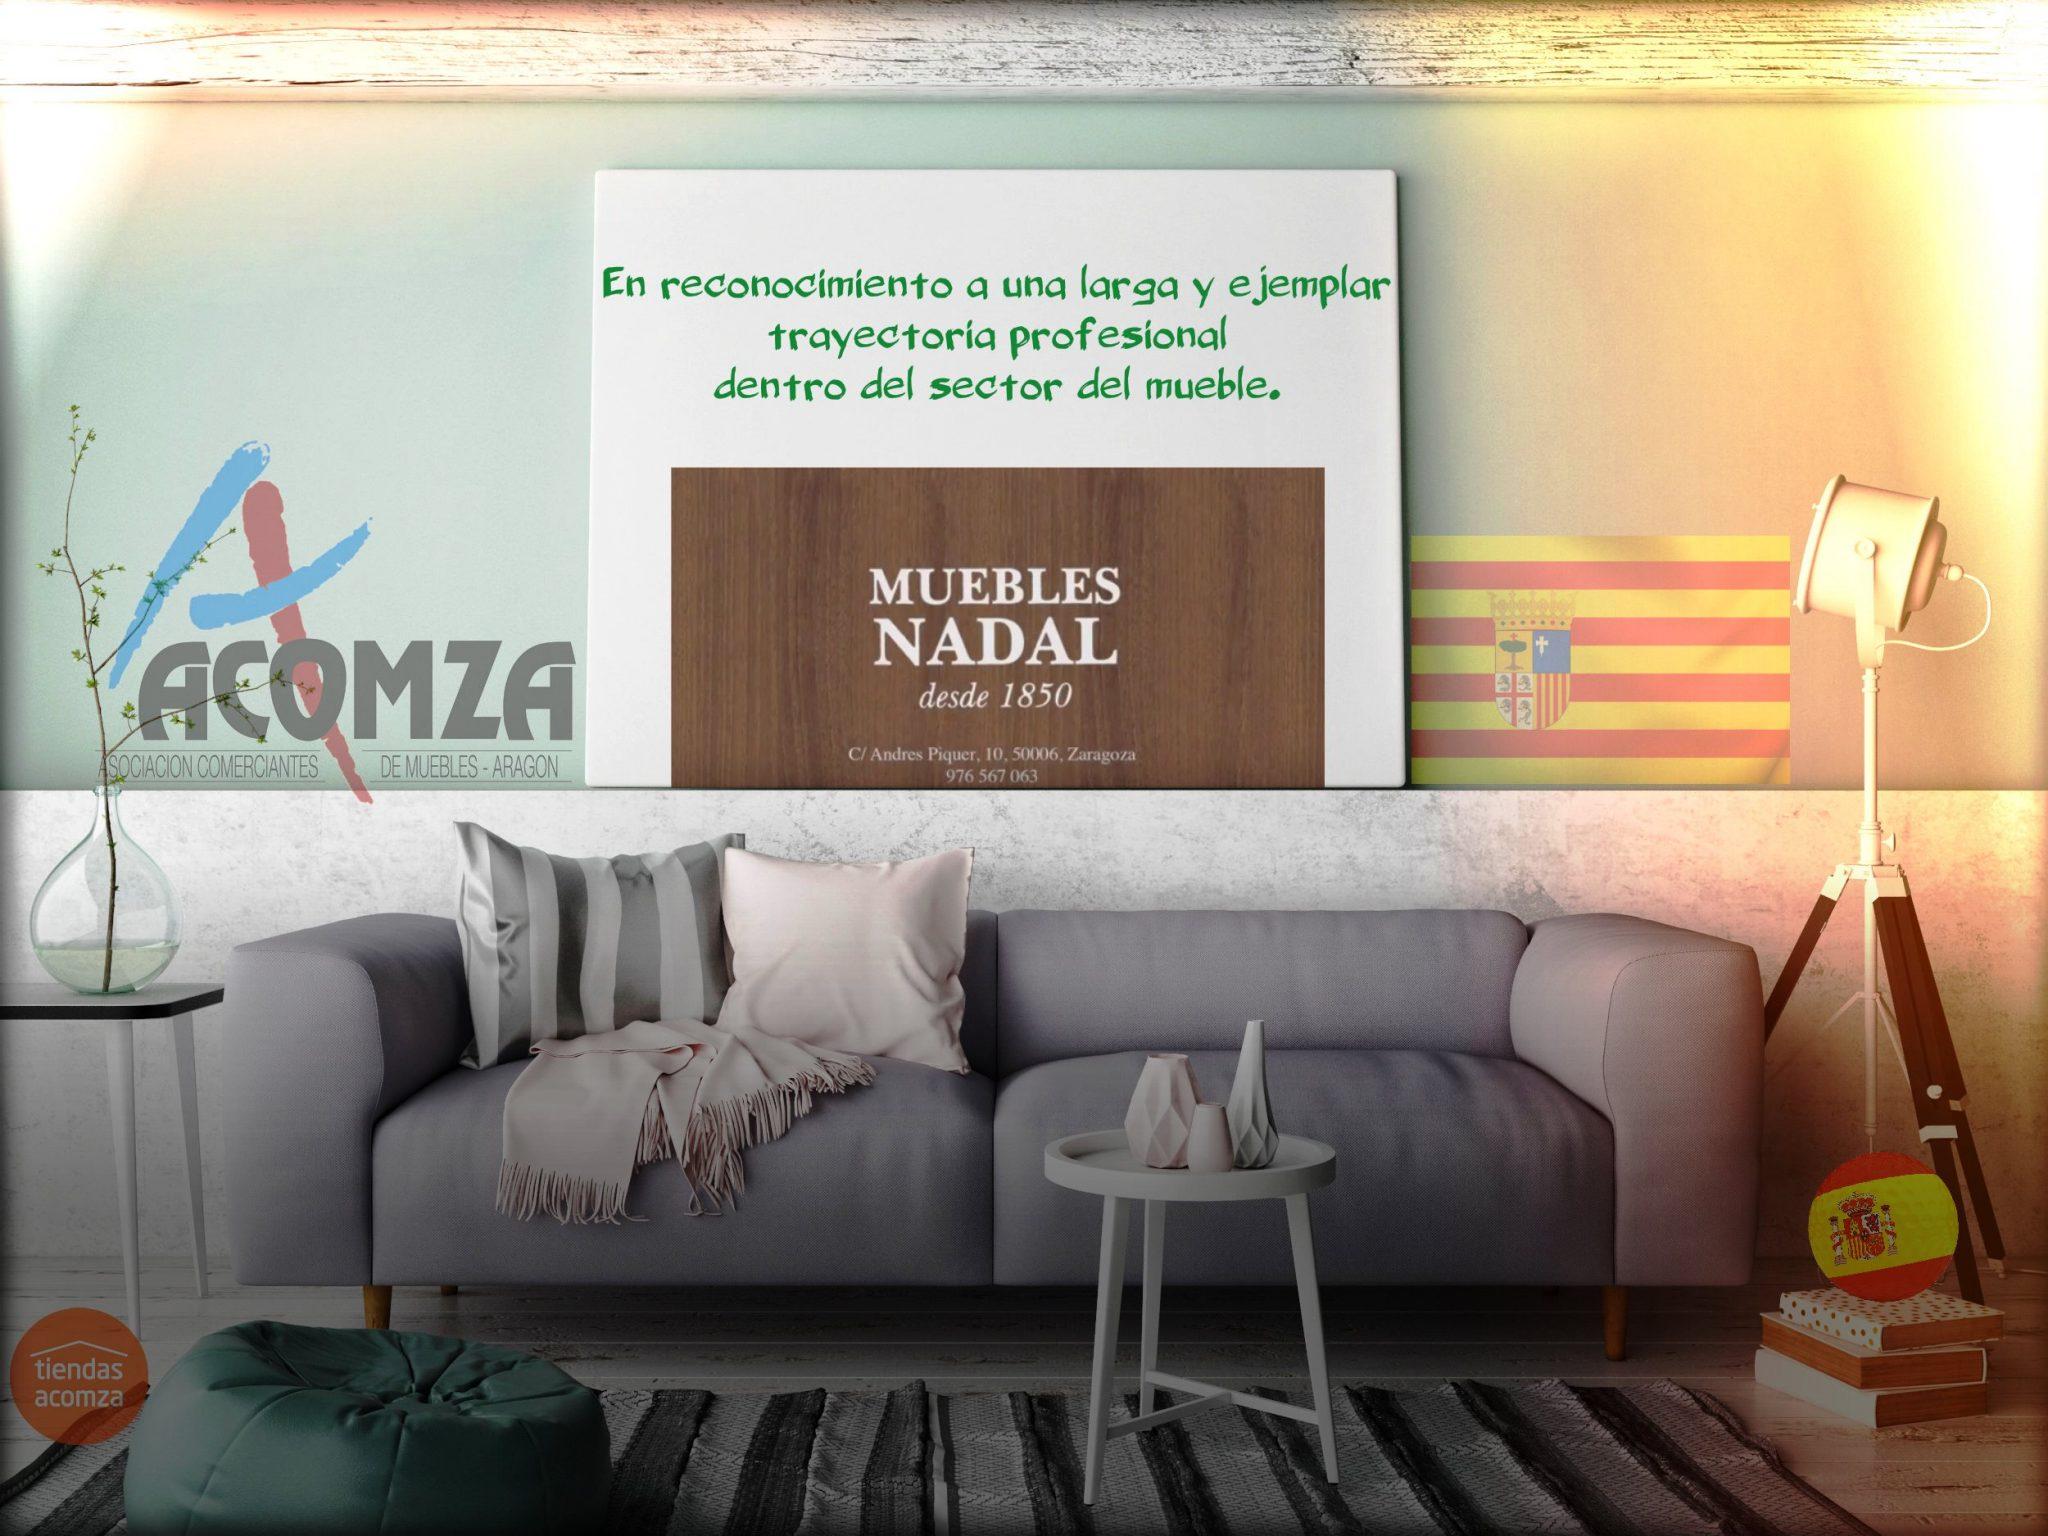 Muebles Nadal El Callejero De Zaragoza # Muebles Direccion